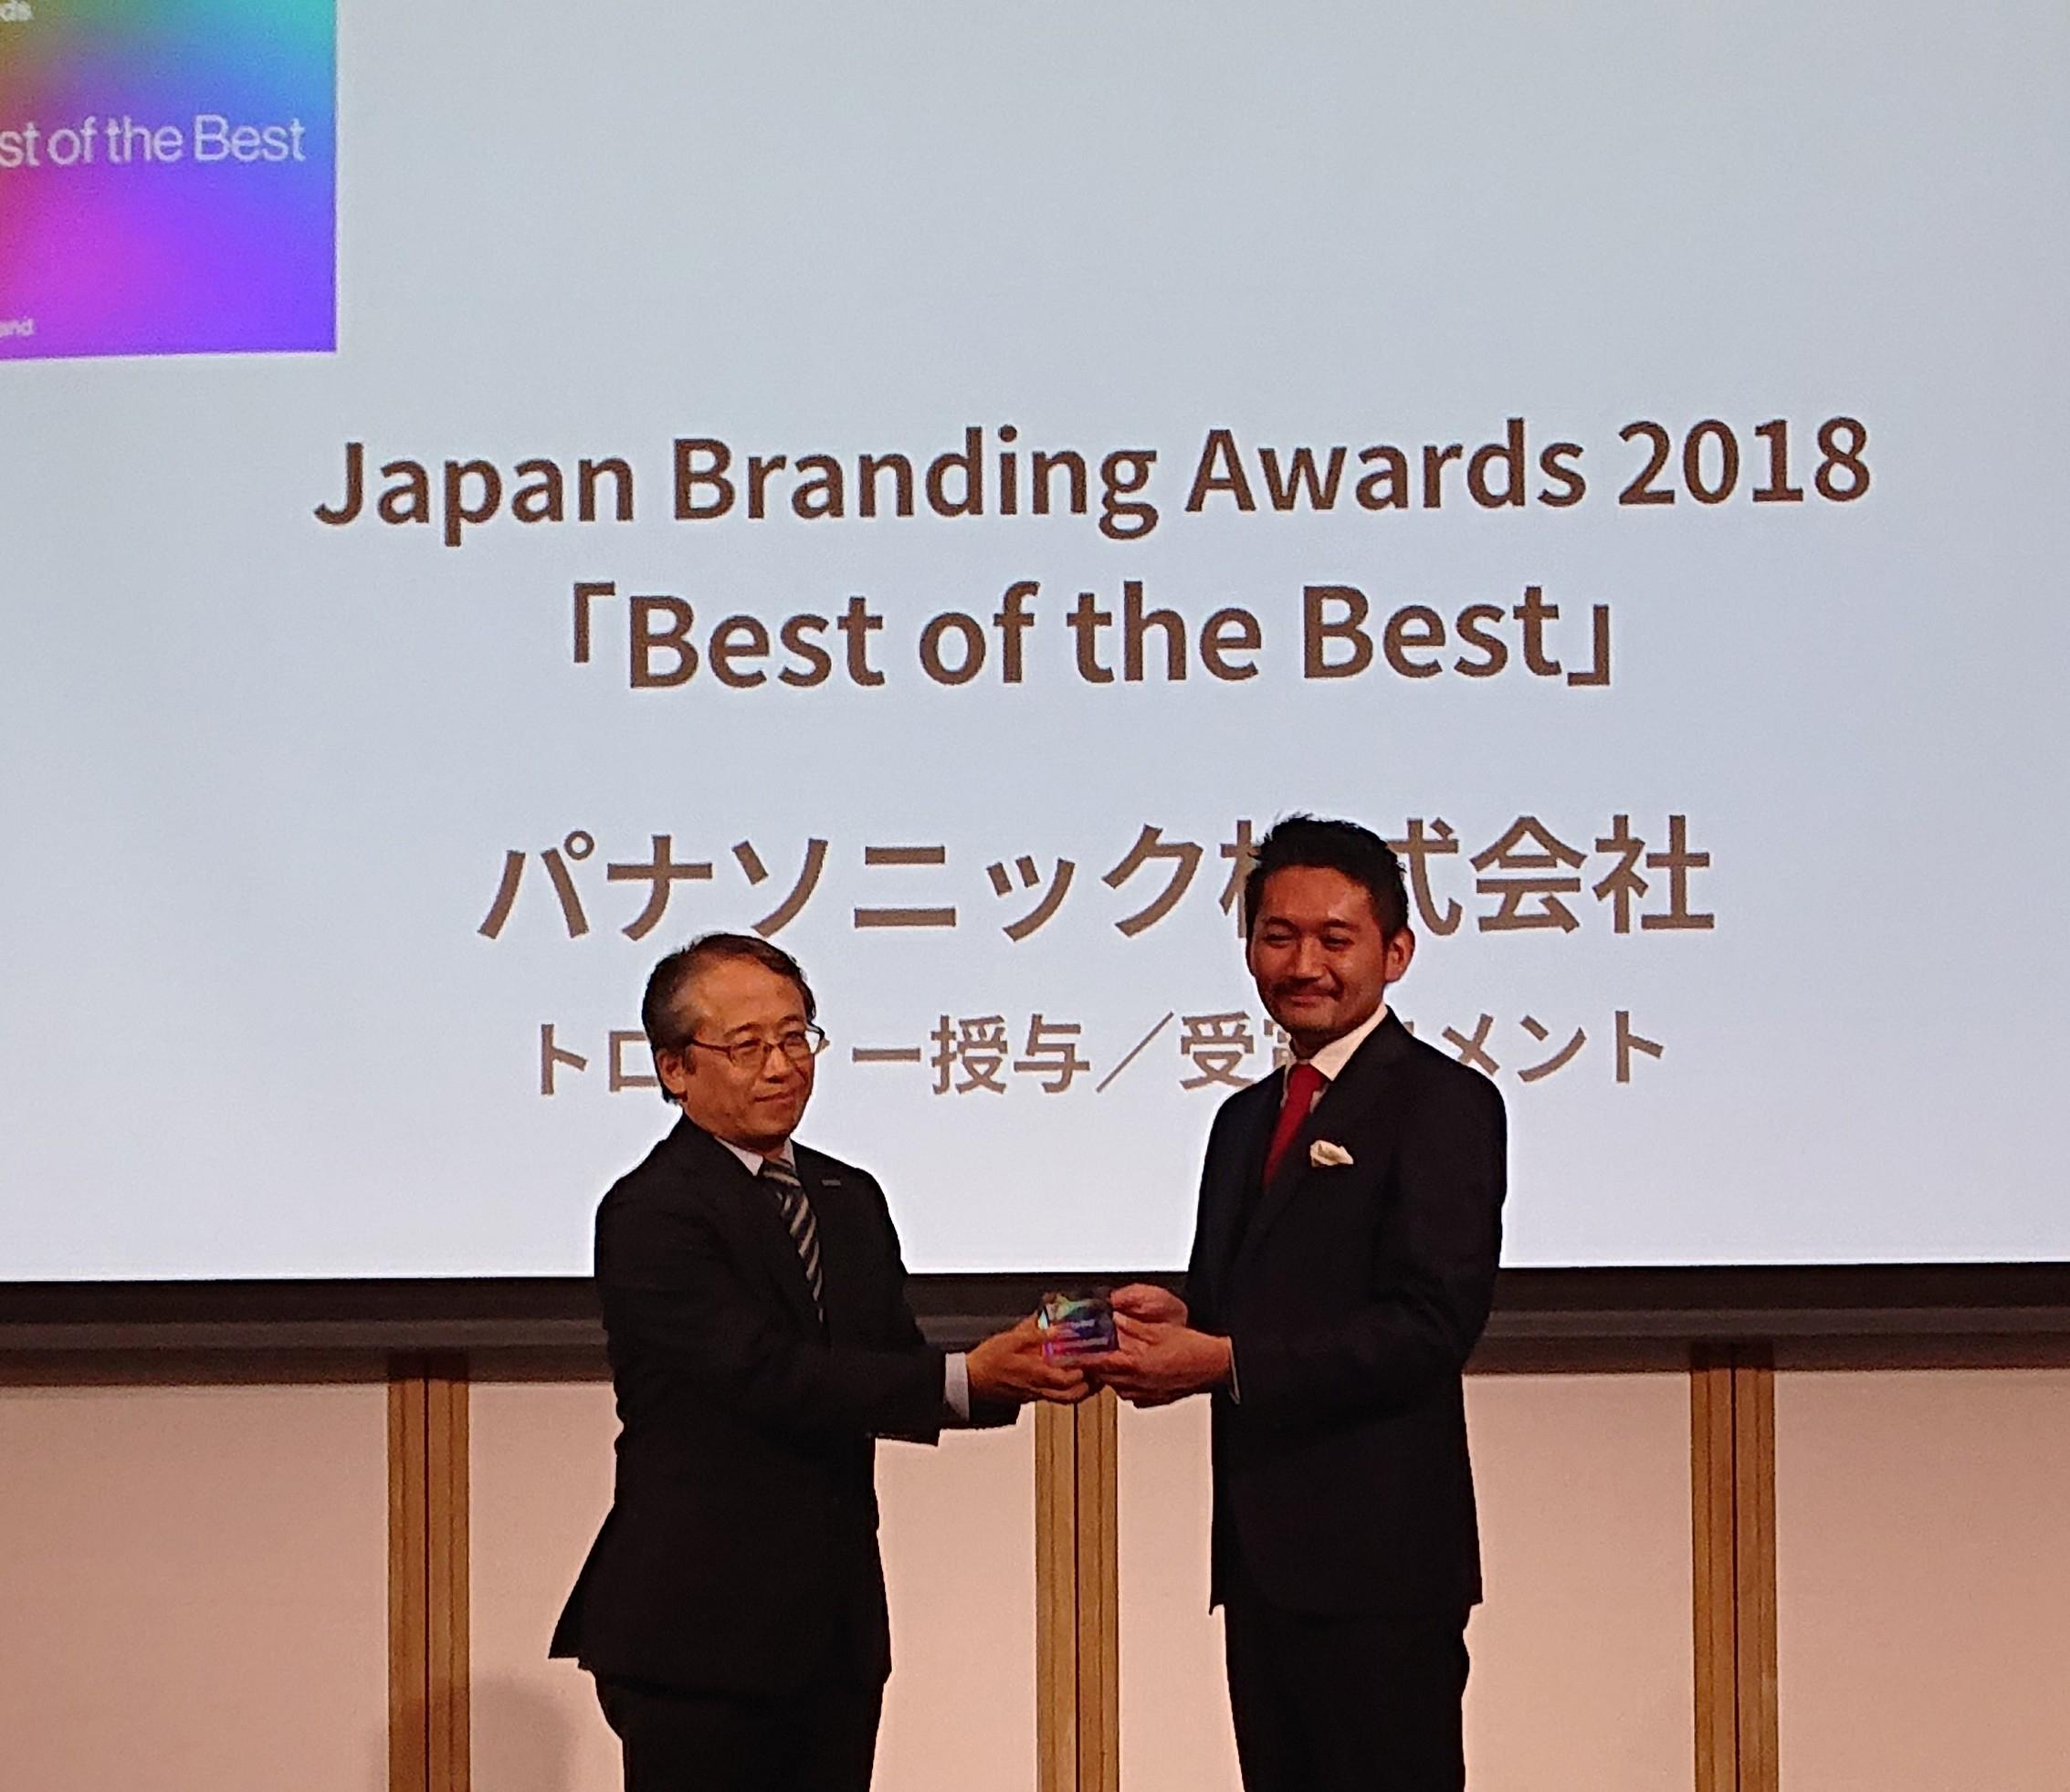 「Japan Branding Awards 2018」授賞式の様子